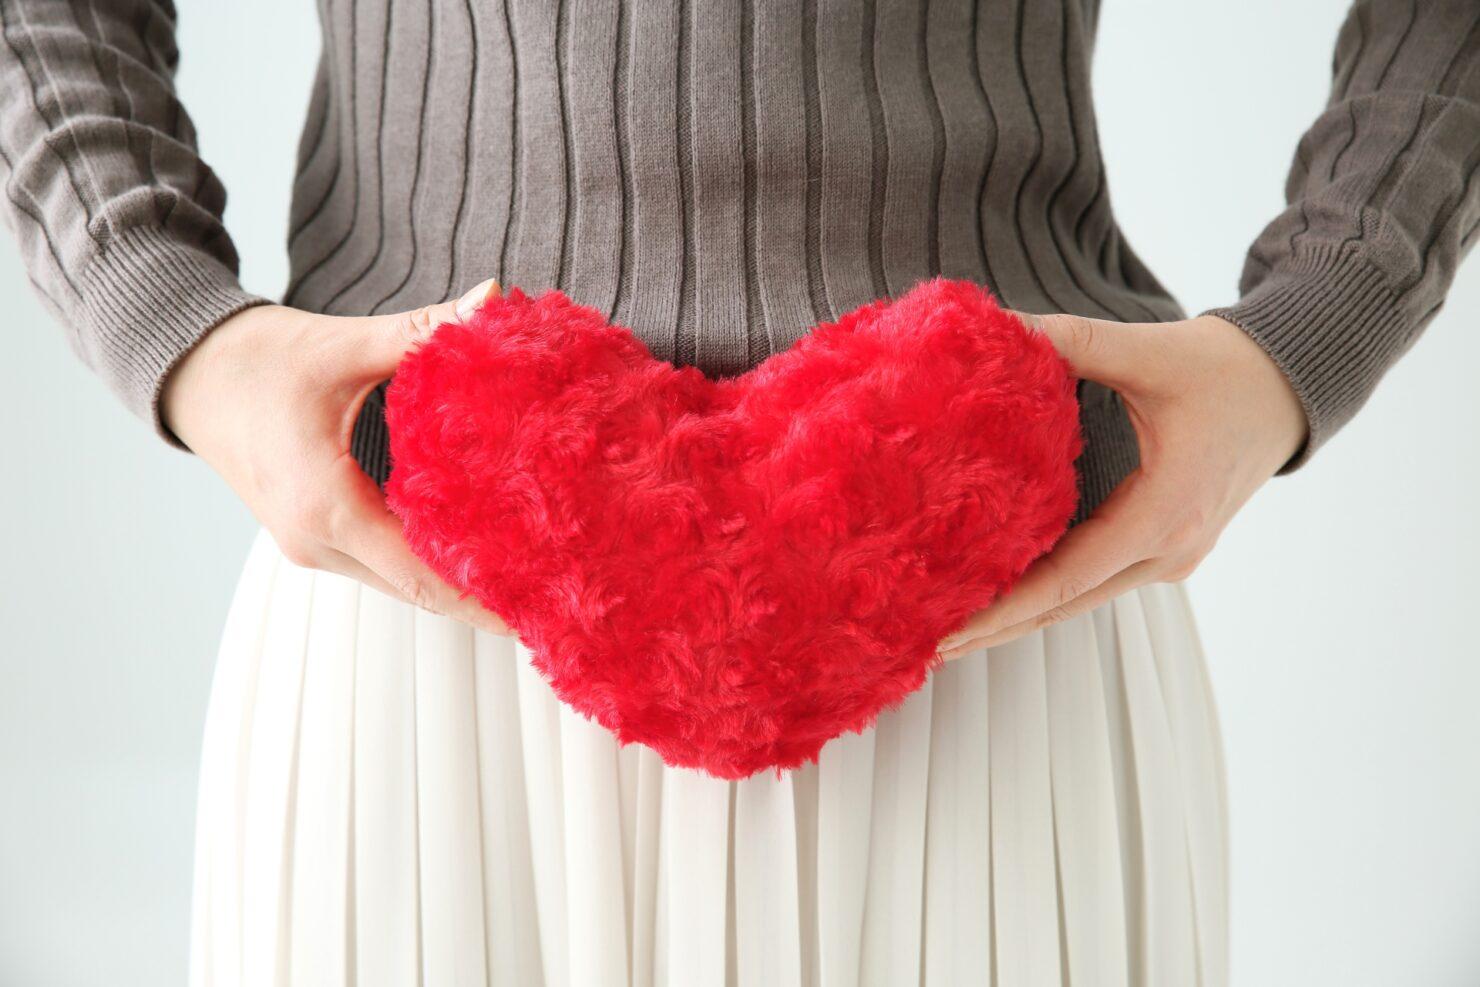 いつ でき 確認 た 心拍 なぜ心拍確認ができたら95%妊娠継続ができるのに8~10週が一番流産